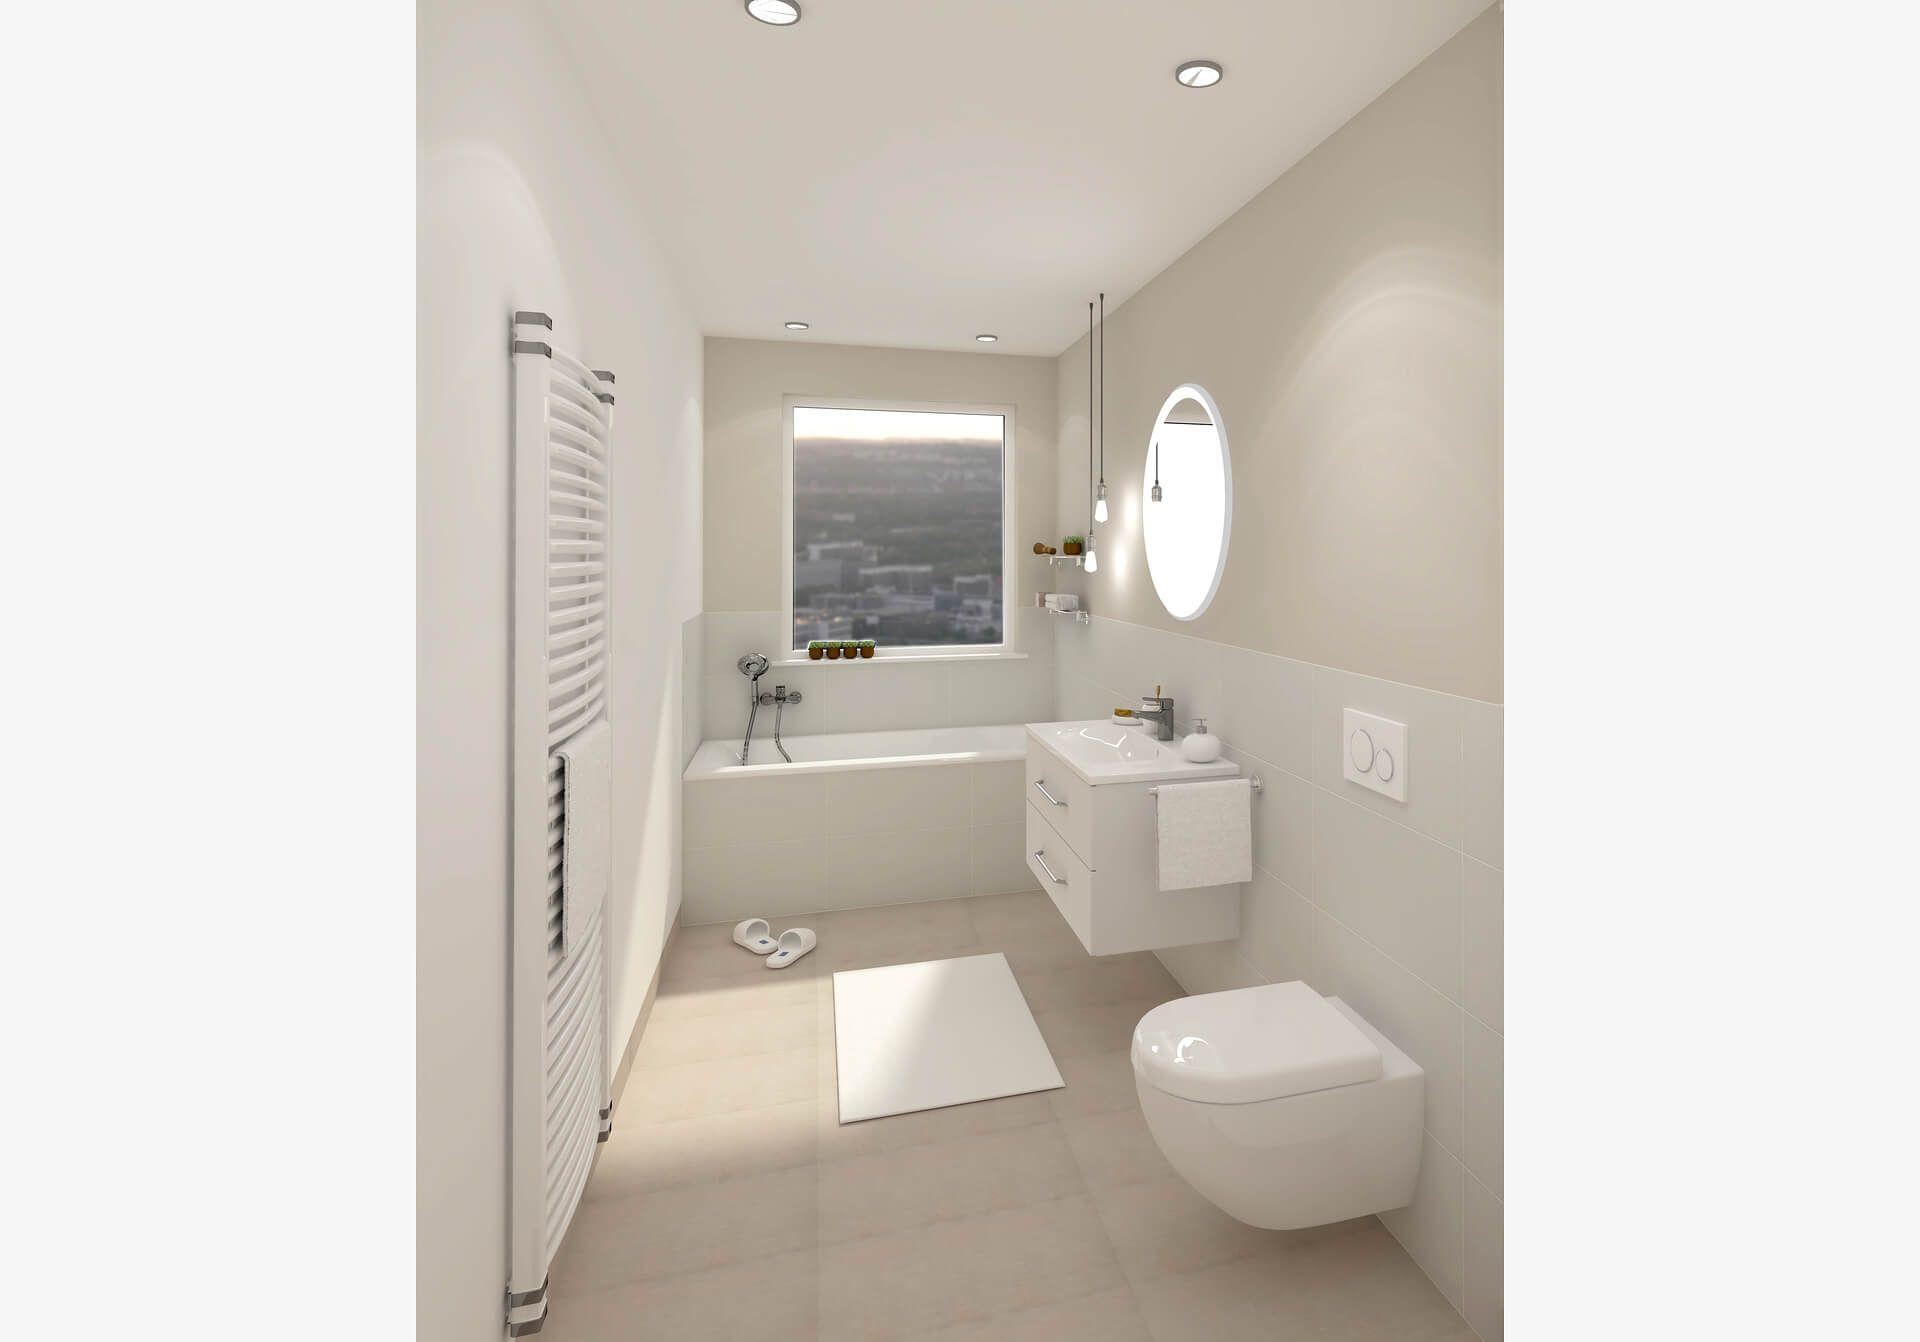 Badplaner Jetzt Badezimmer Planen Mit Obi Helle Badezimmer Badezimmer Landhaus Badezimmer Gestalten